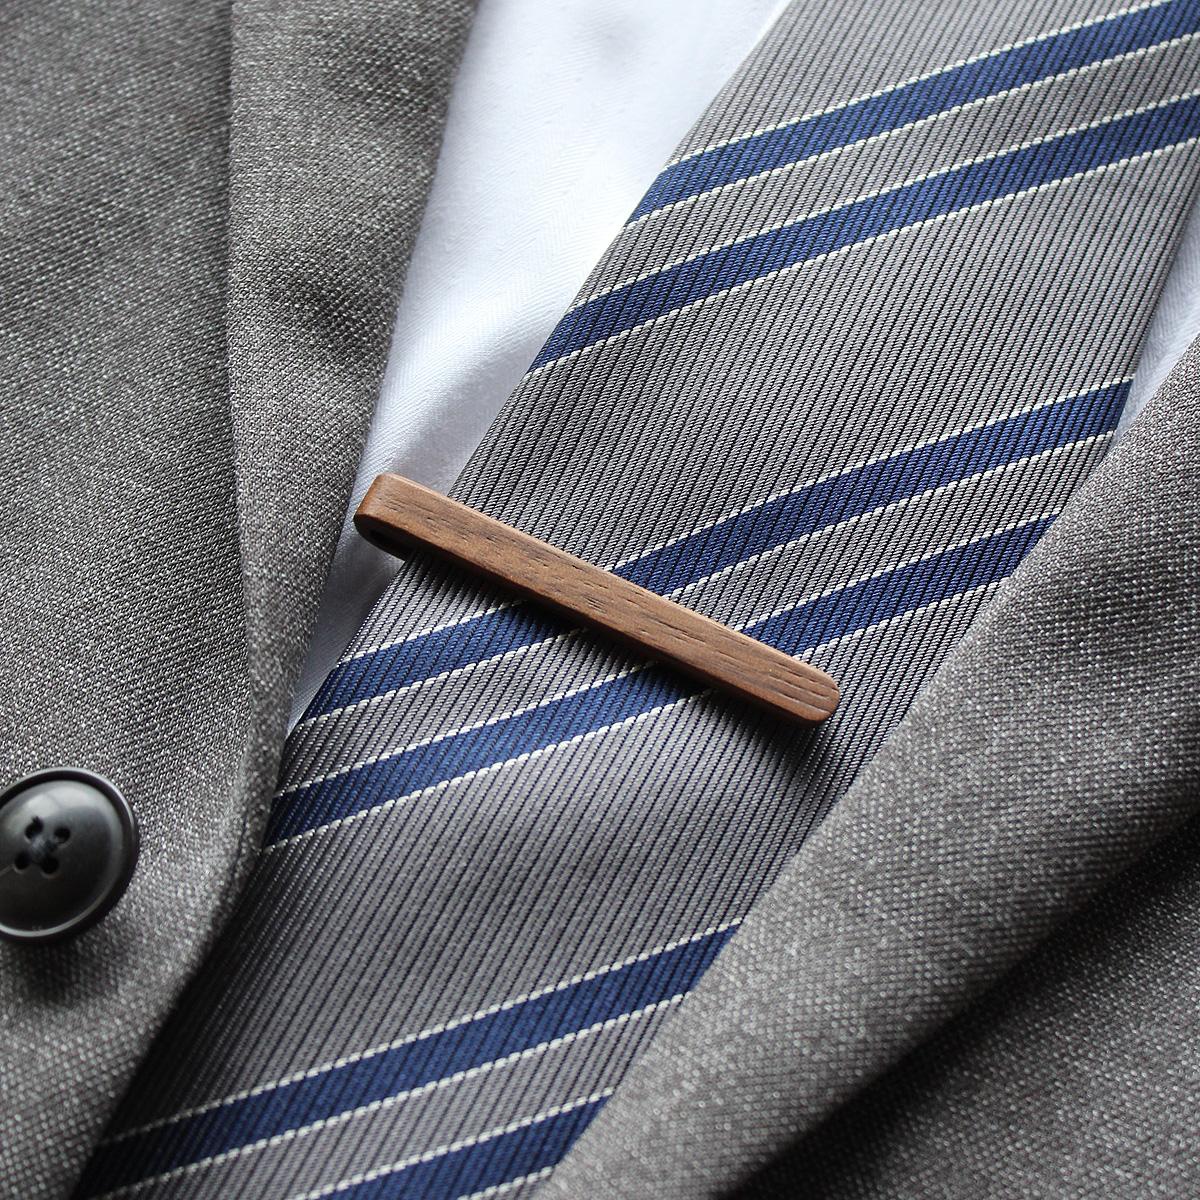 ビジネスシーンはもちろん、結婚式などのフォーマルシーンにも最適な木製ネクタイピン。